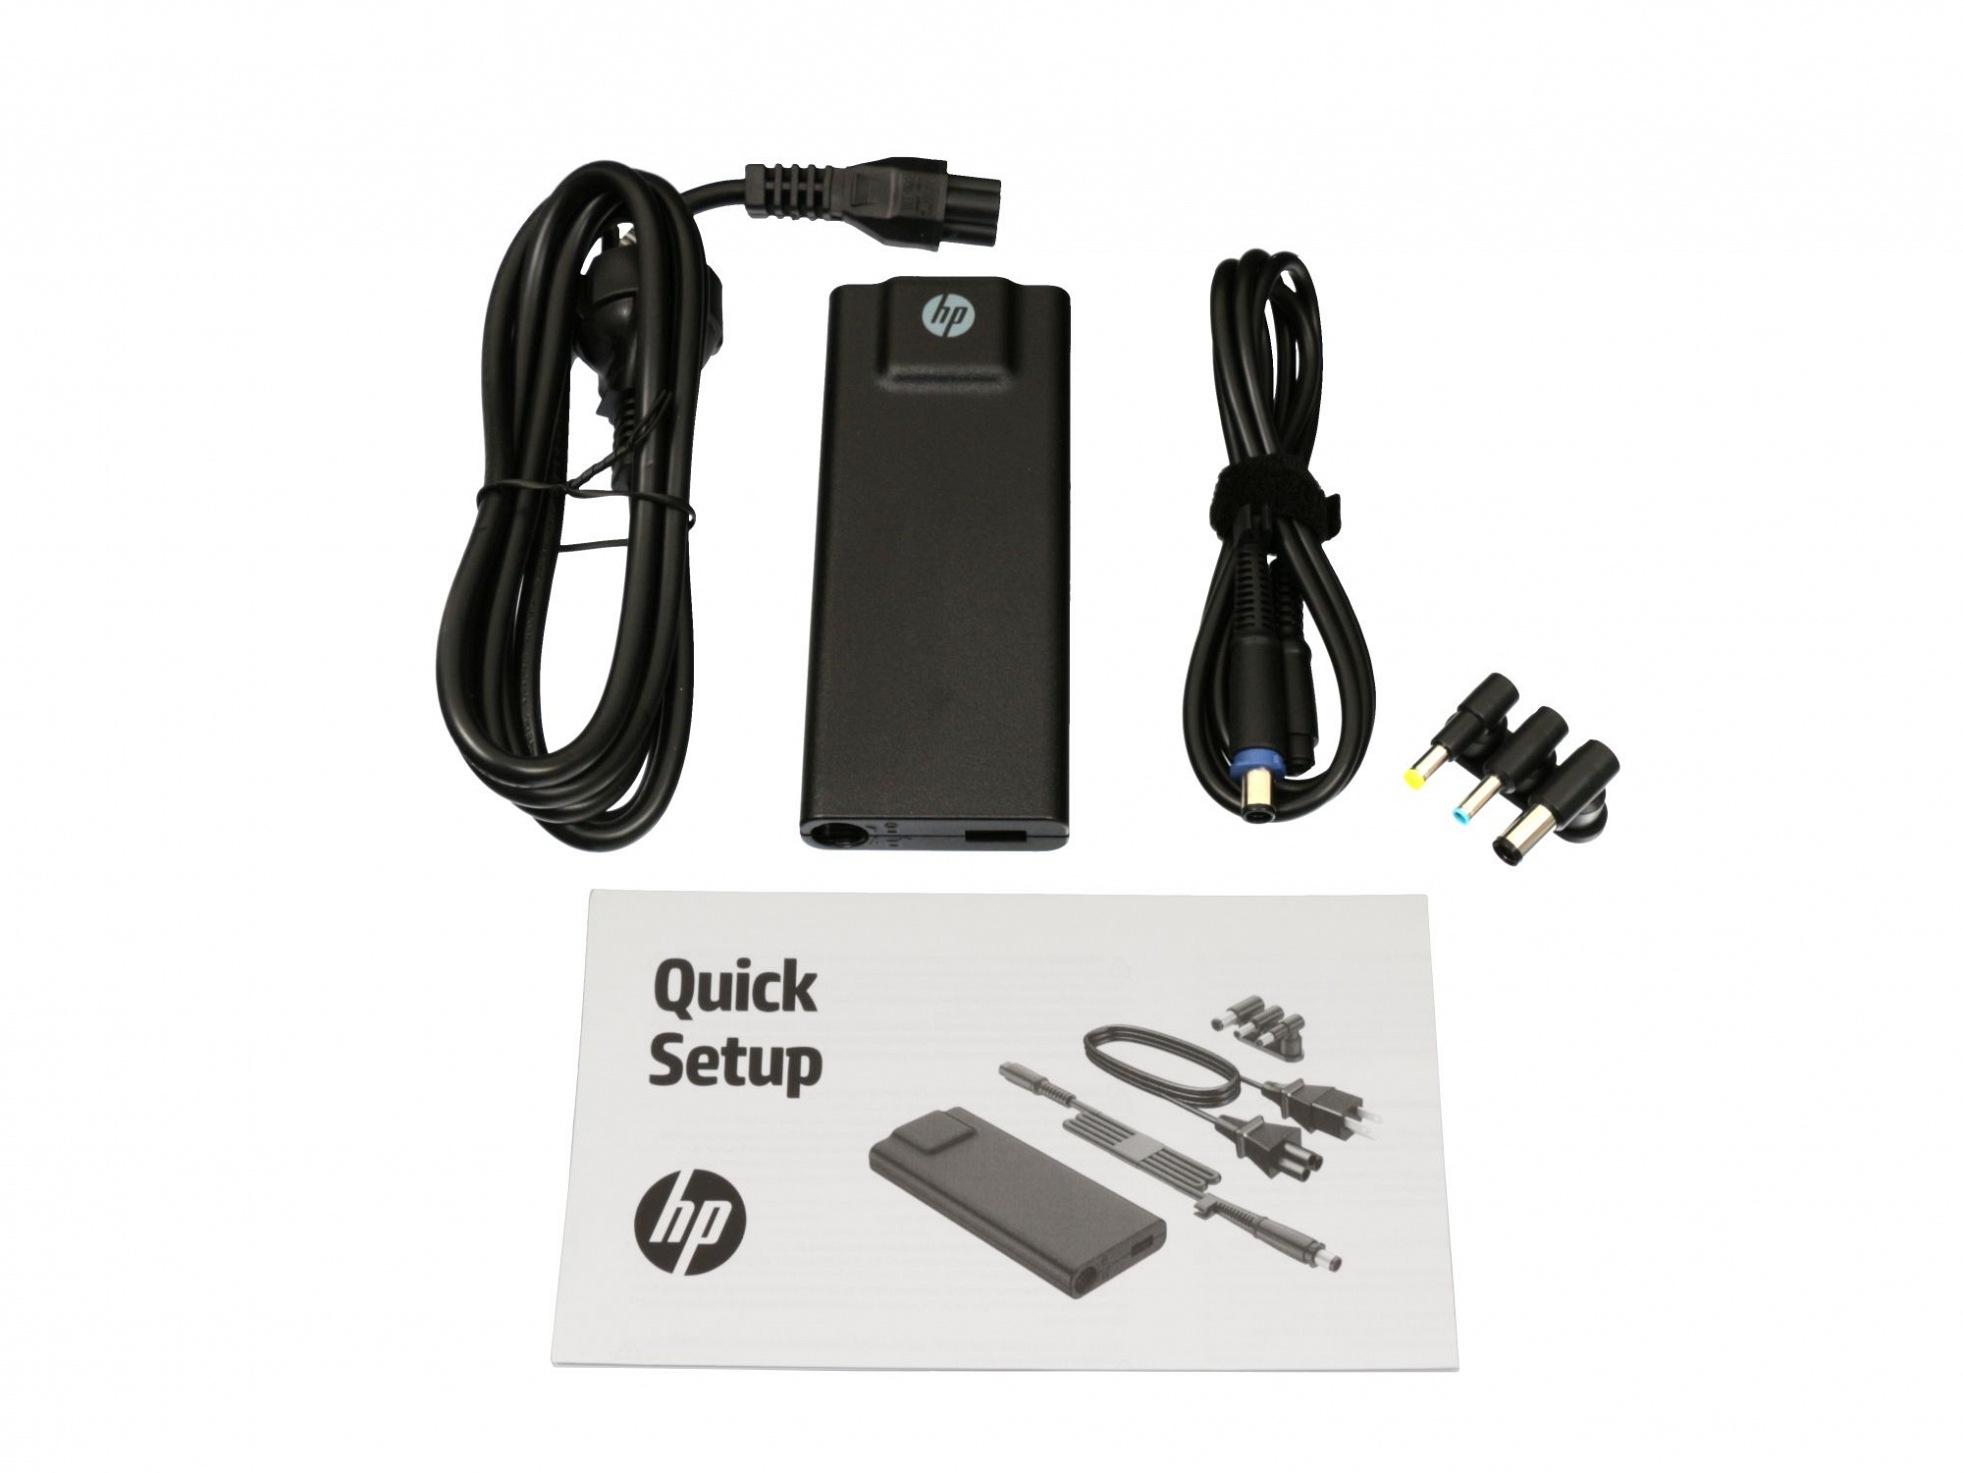 Netzteil HP Business Notebook NX6125